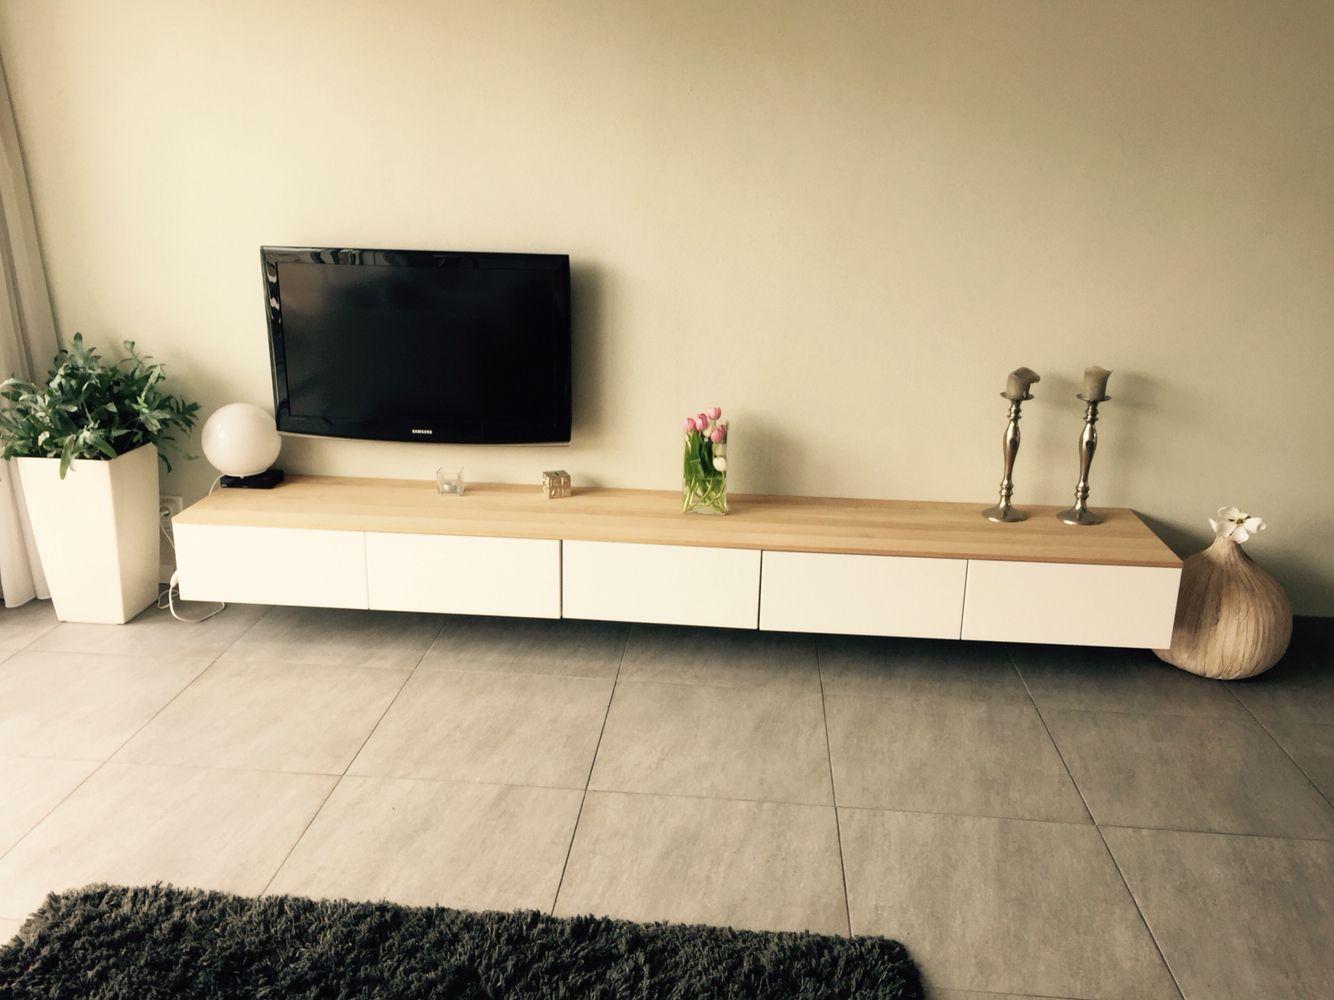 ikea floating cabinet living room images for curtains in tv meubel met eiken houten plank. | besta ...